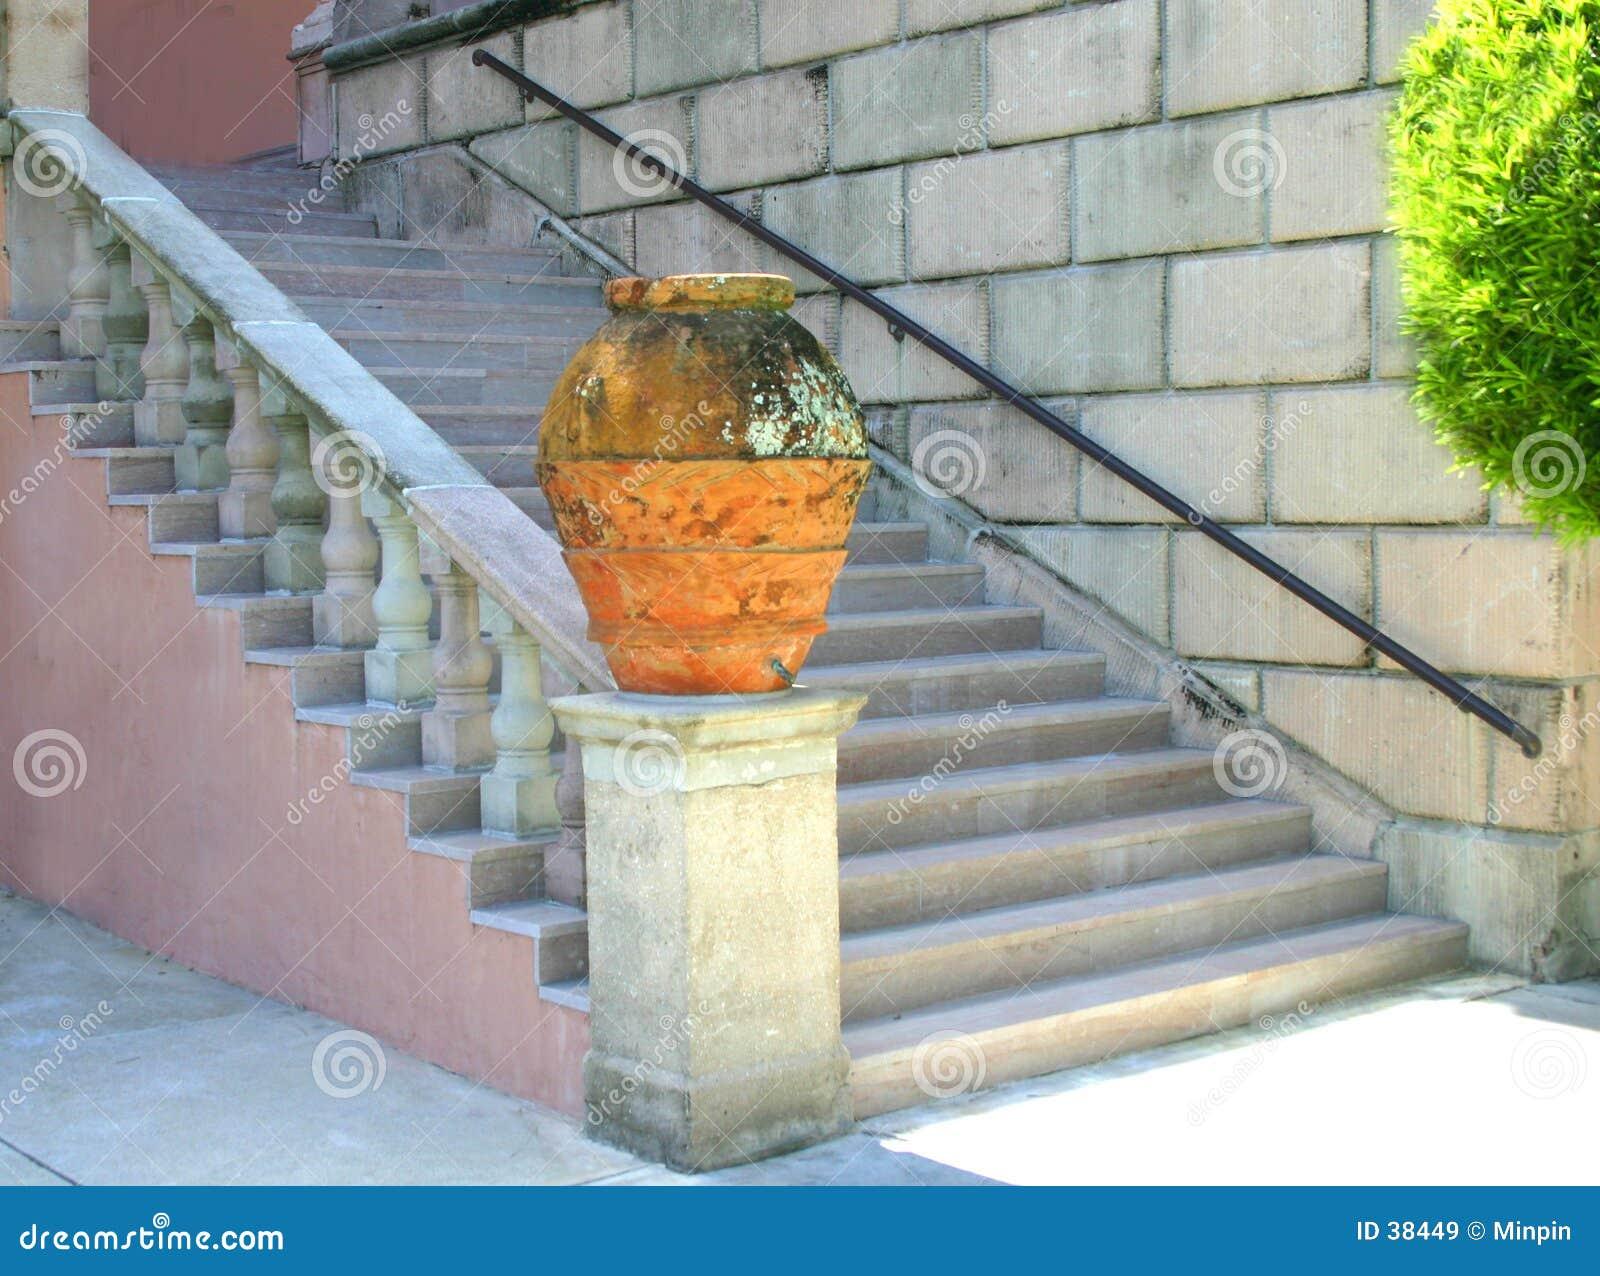 Encima de las escaleras